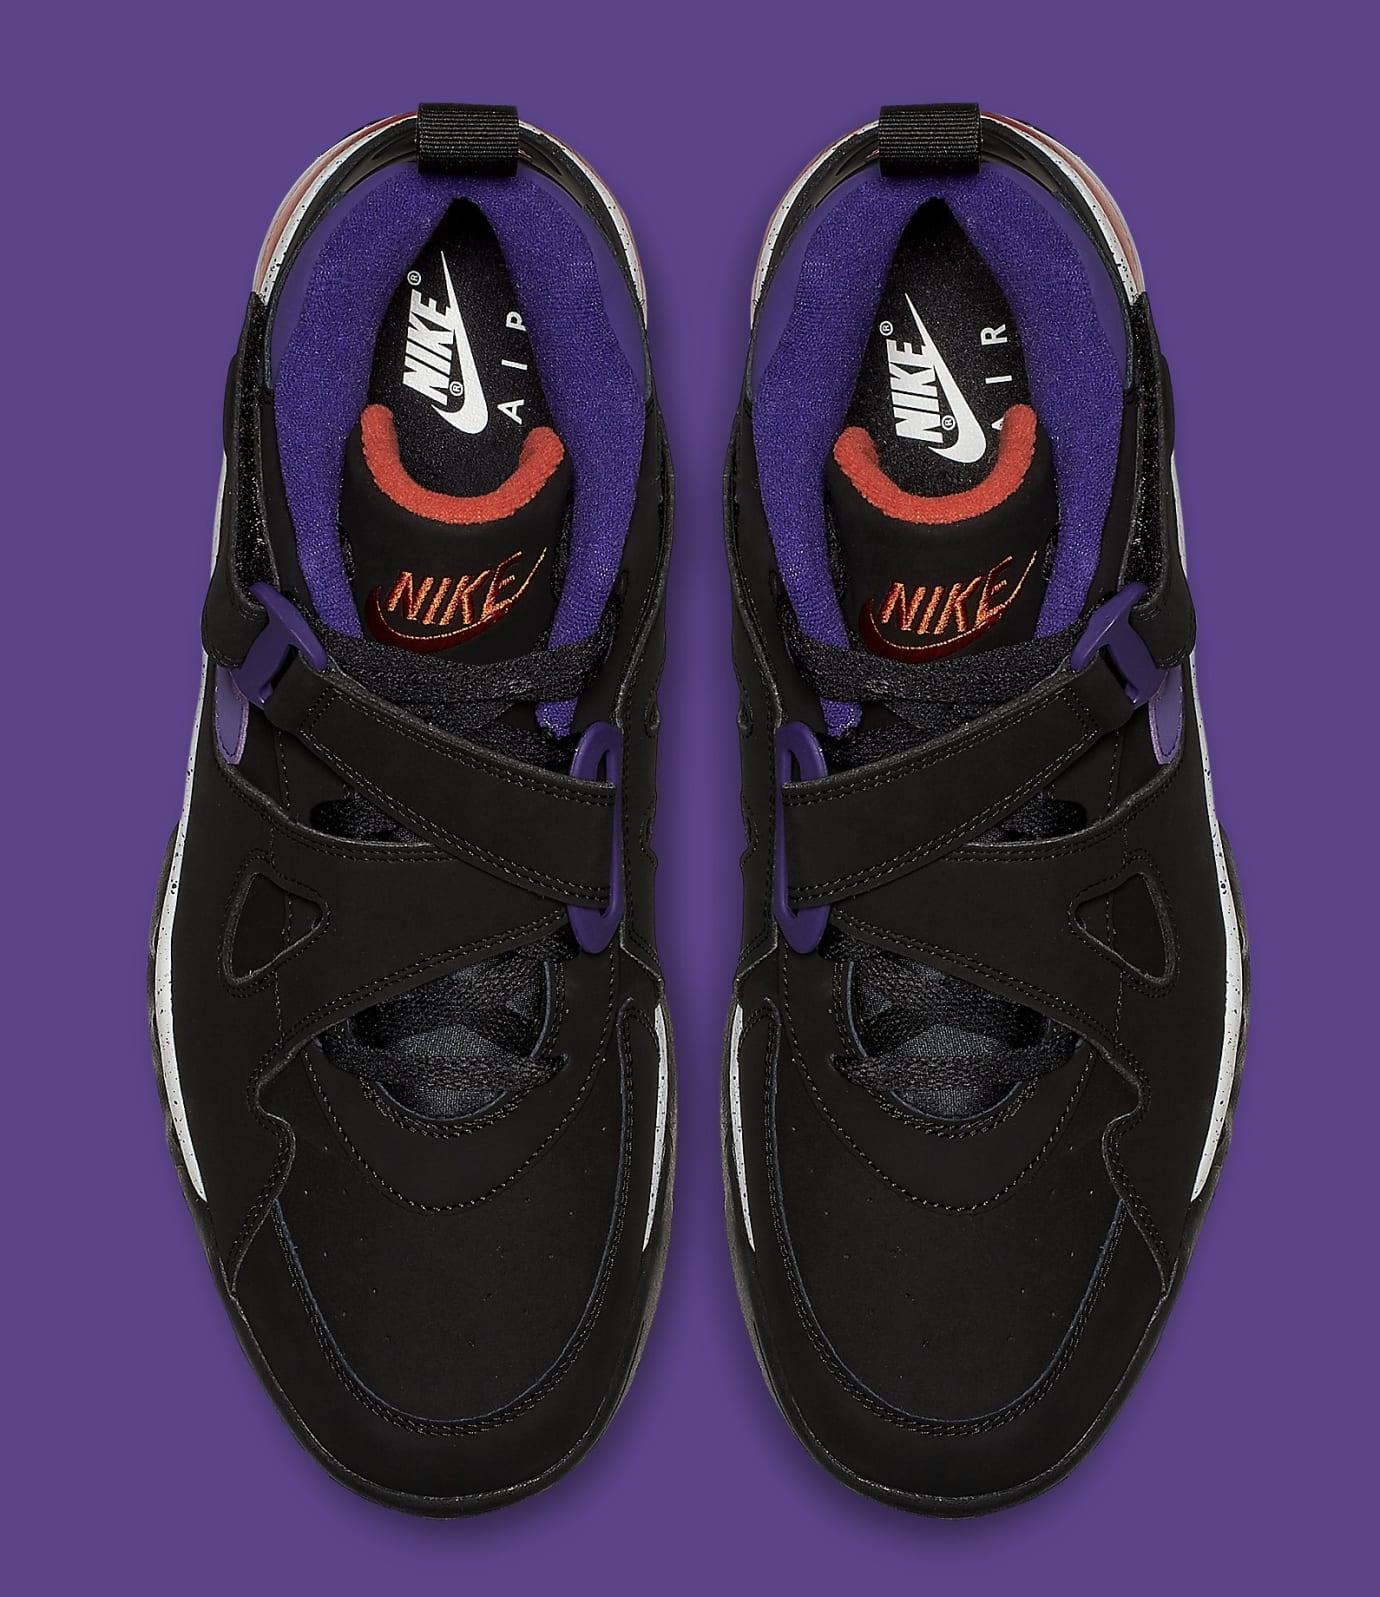 buy online c4db1 66c53 Image via Nike nike-air-force-max-cb-suns-aj7922-002-